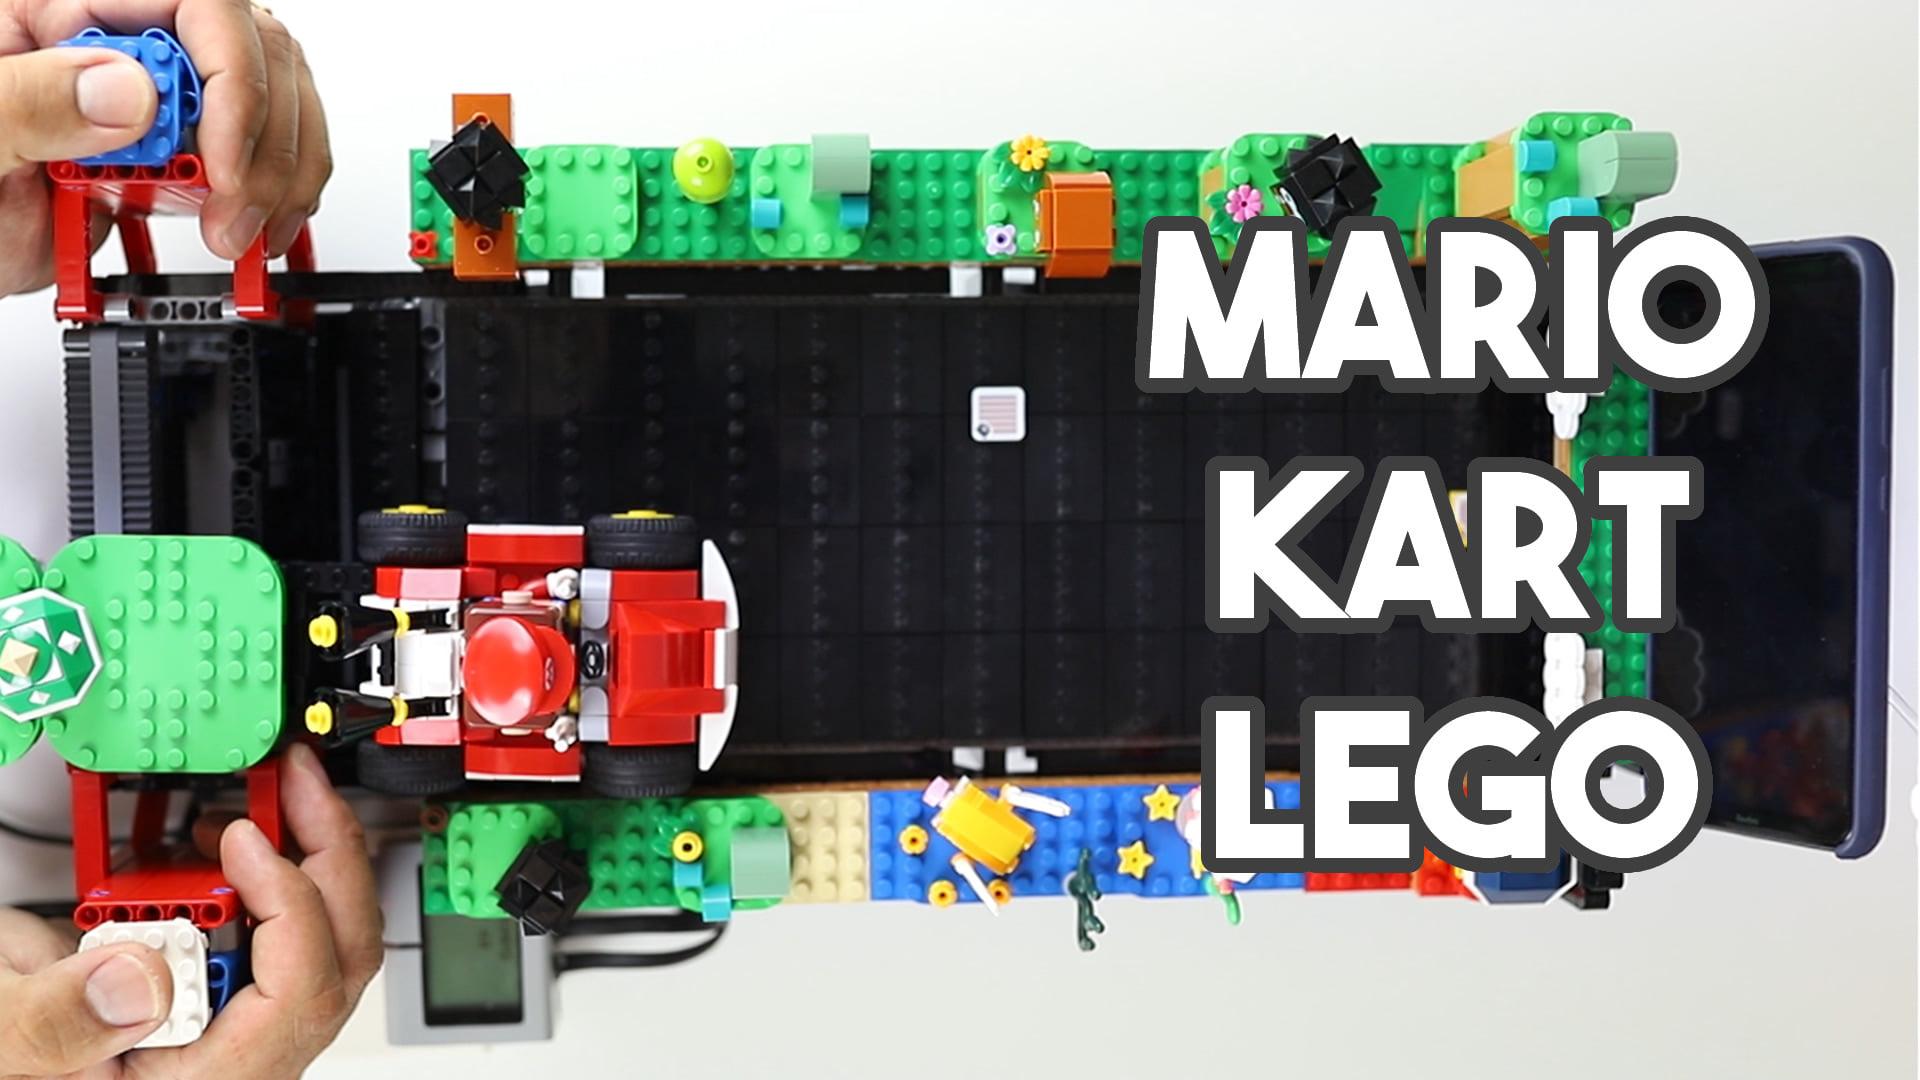 Mario Kart LEGO